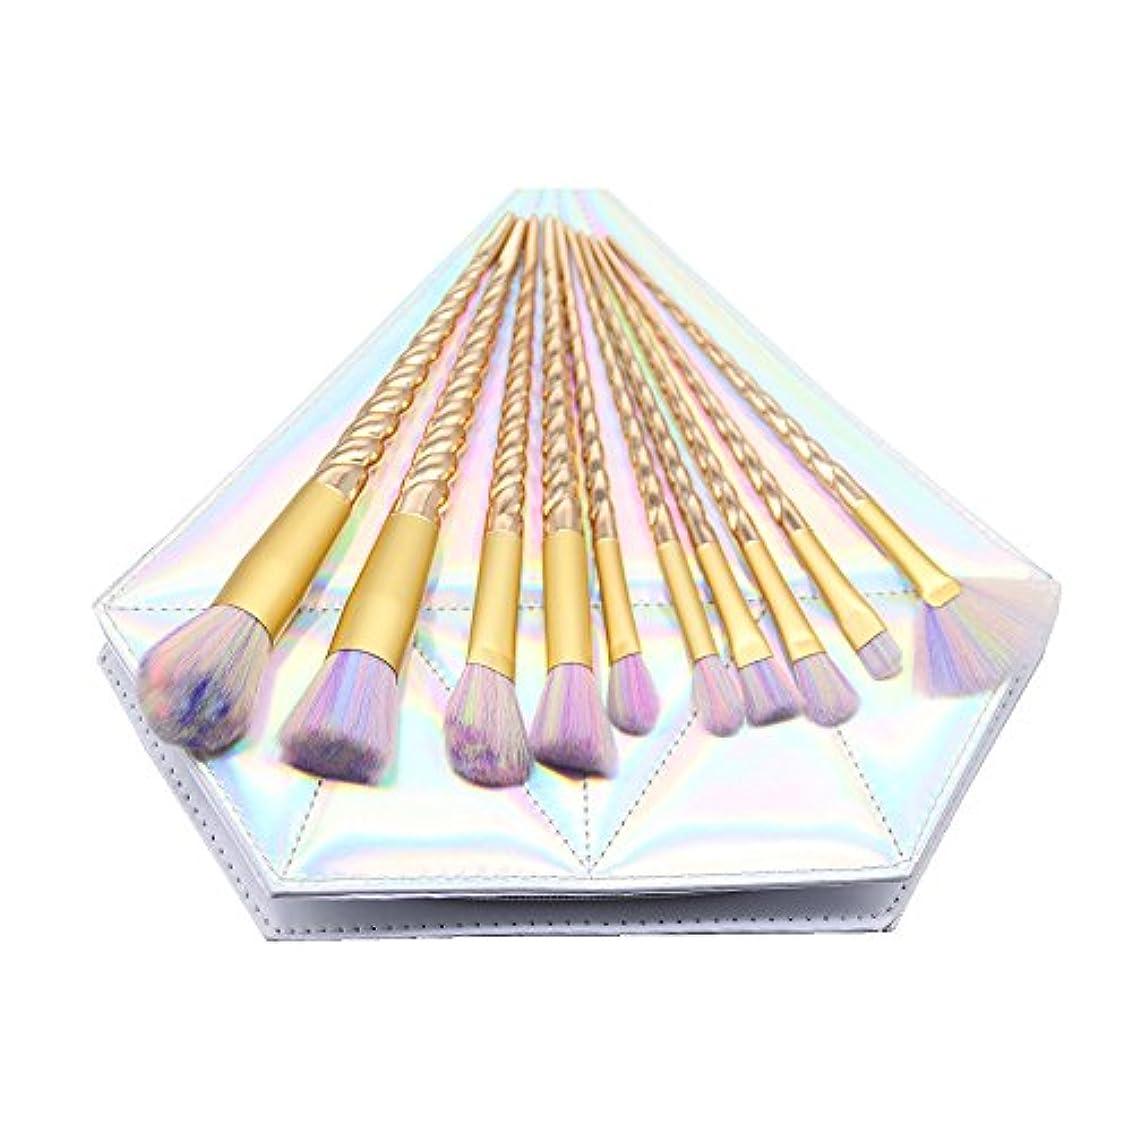 分解する透ける時間厳守Dilla Beauty メイクブラシセット 10本セット ユニコーンデザイン プラスチックハンドル 合成毛 ファンデーションブラシ アイシャドーブラッシャー 美容ツール 化粧品のバッグ付き